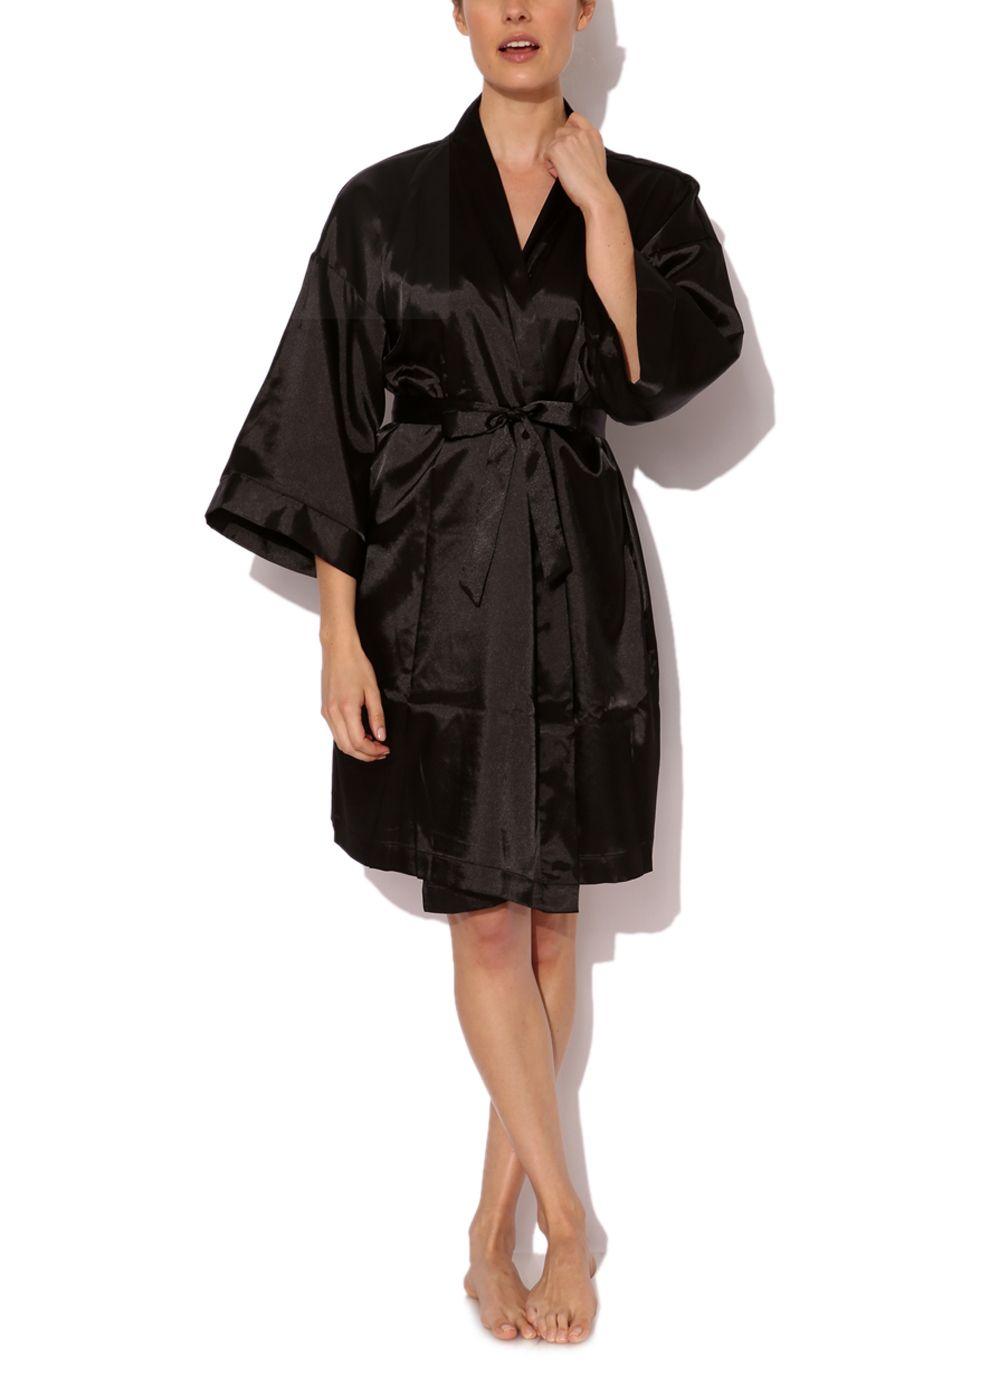 Black satin Kimono style robe 3/4 length. Petite to plus